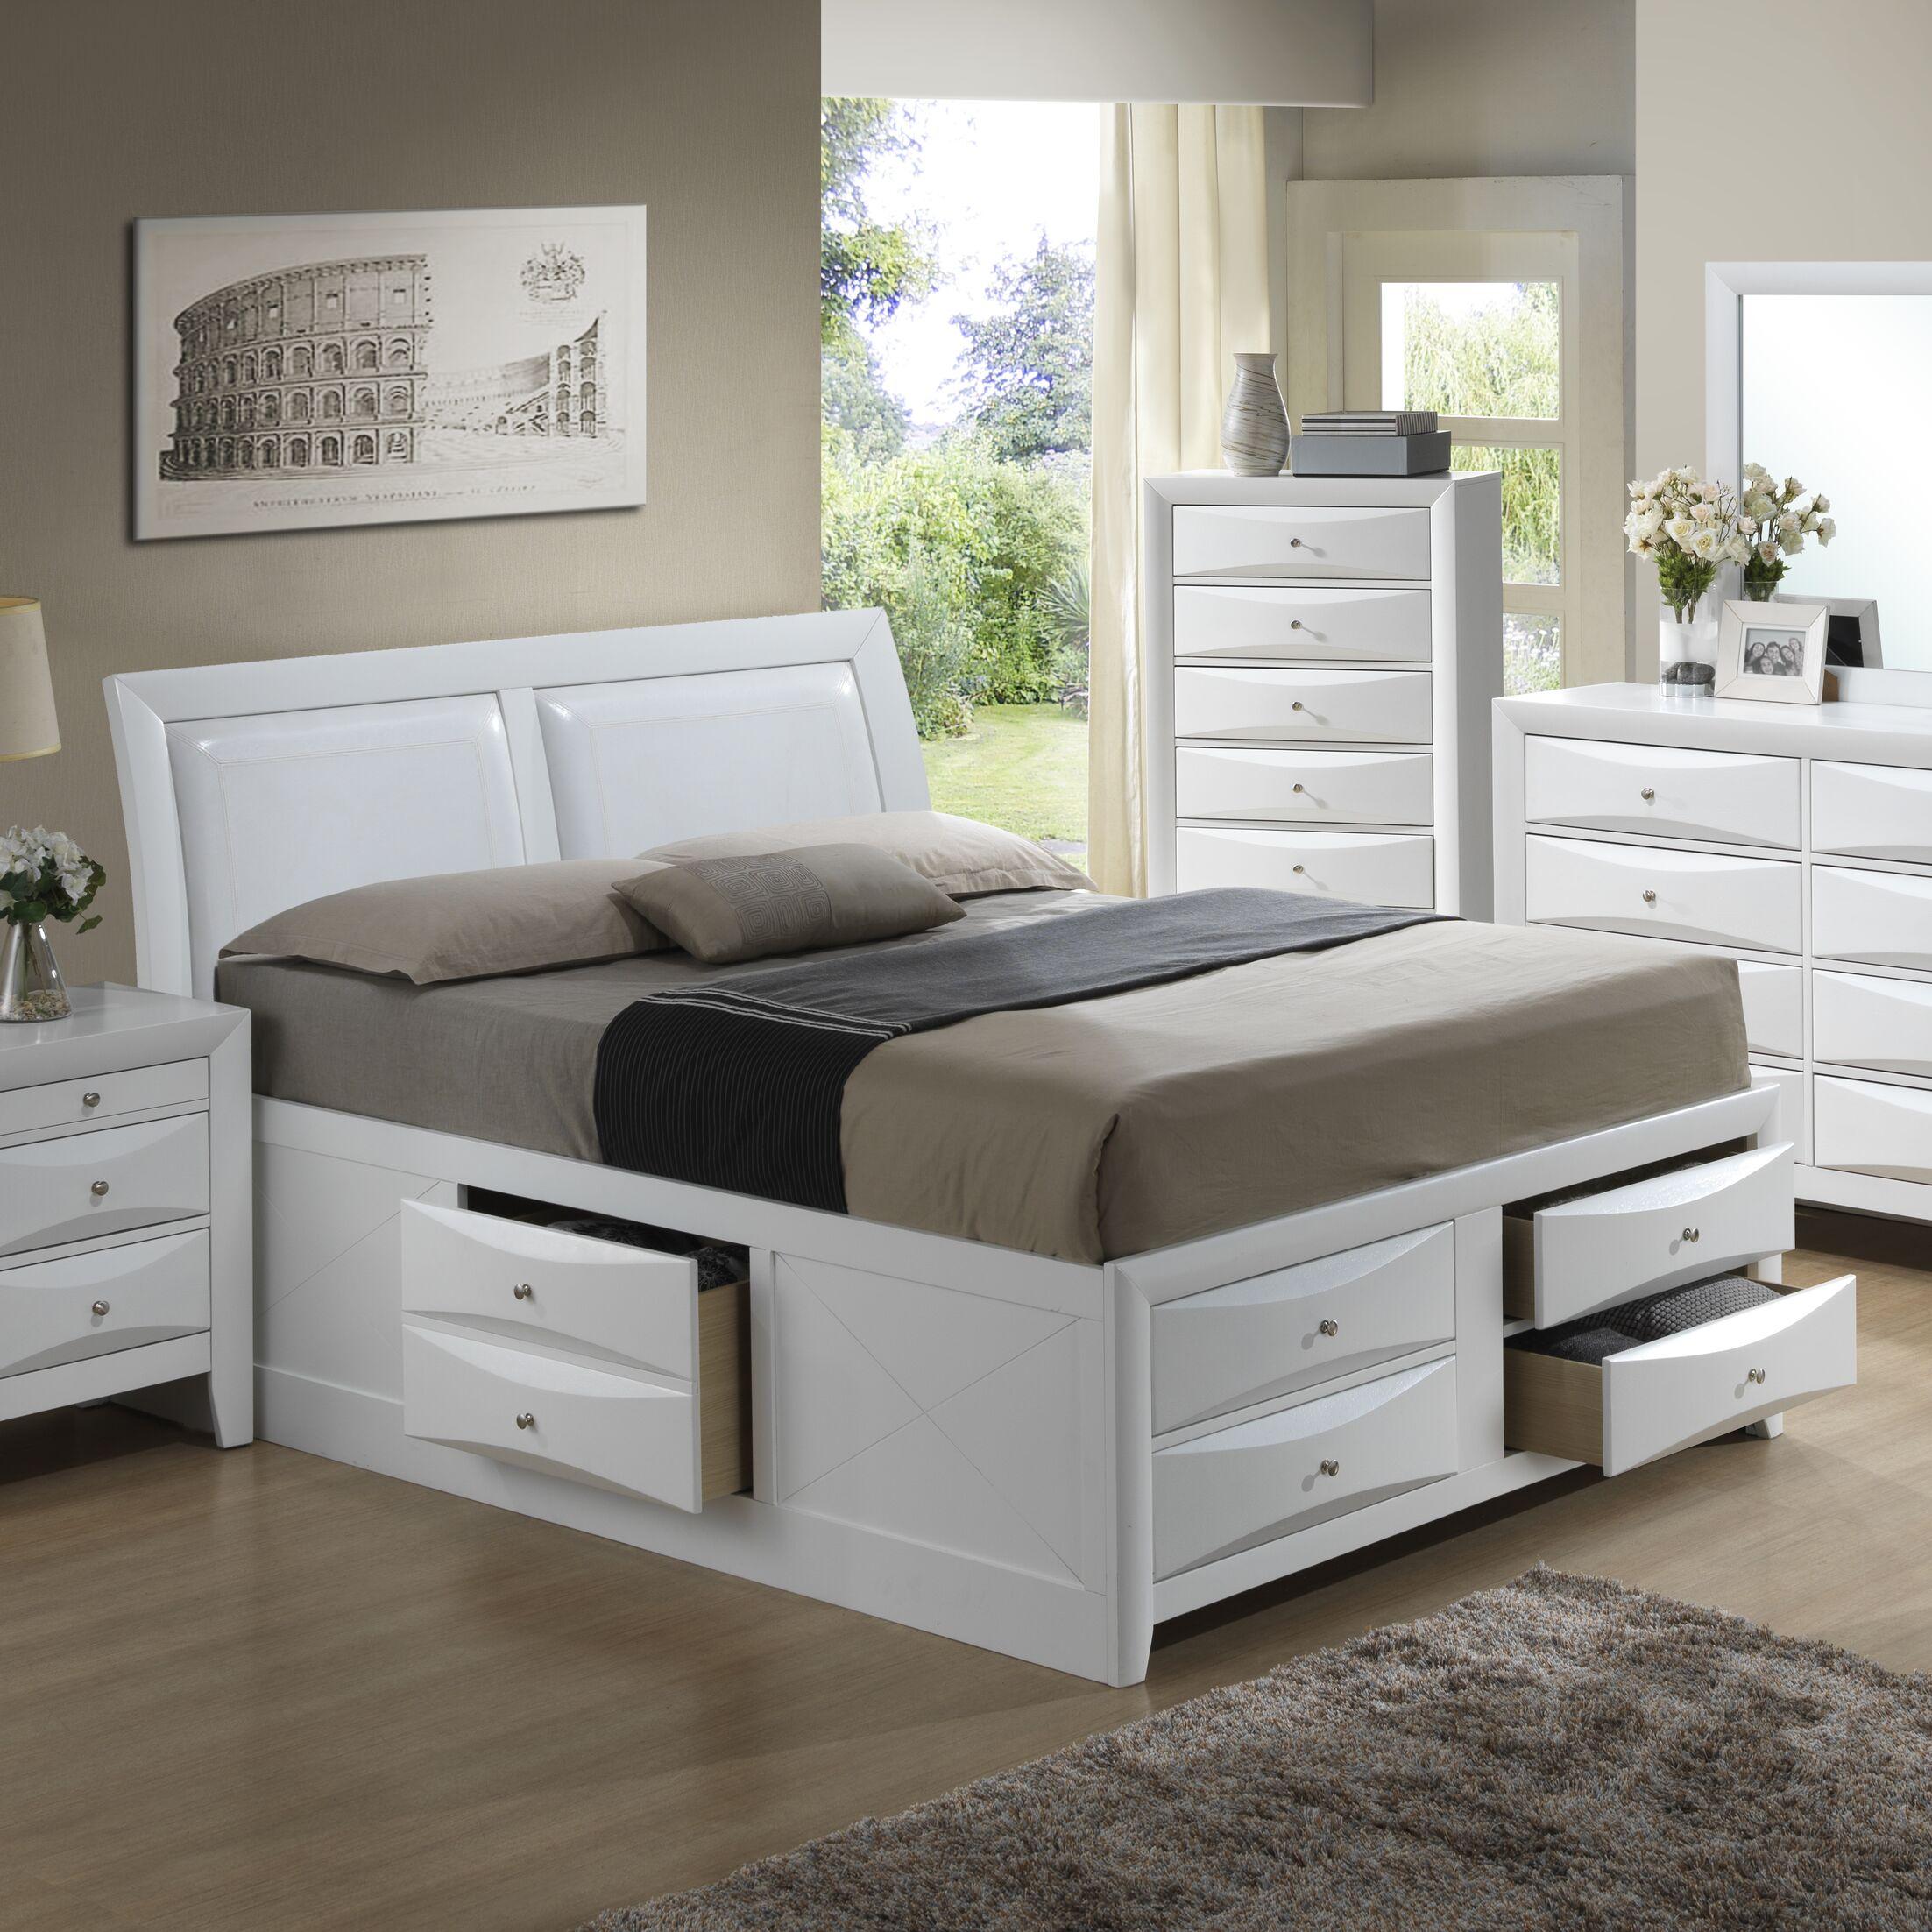 Medford Storage Upholstered Platform Bed Color: White, Size: Twin